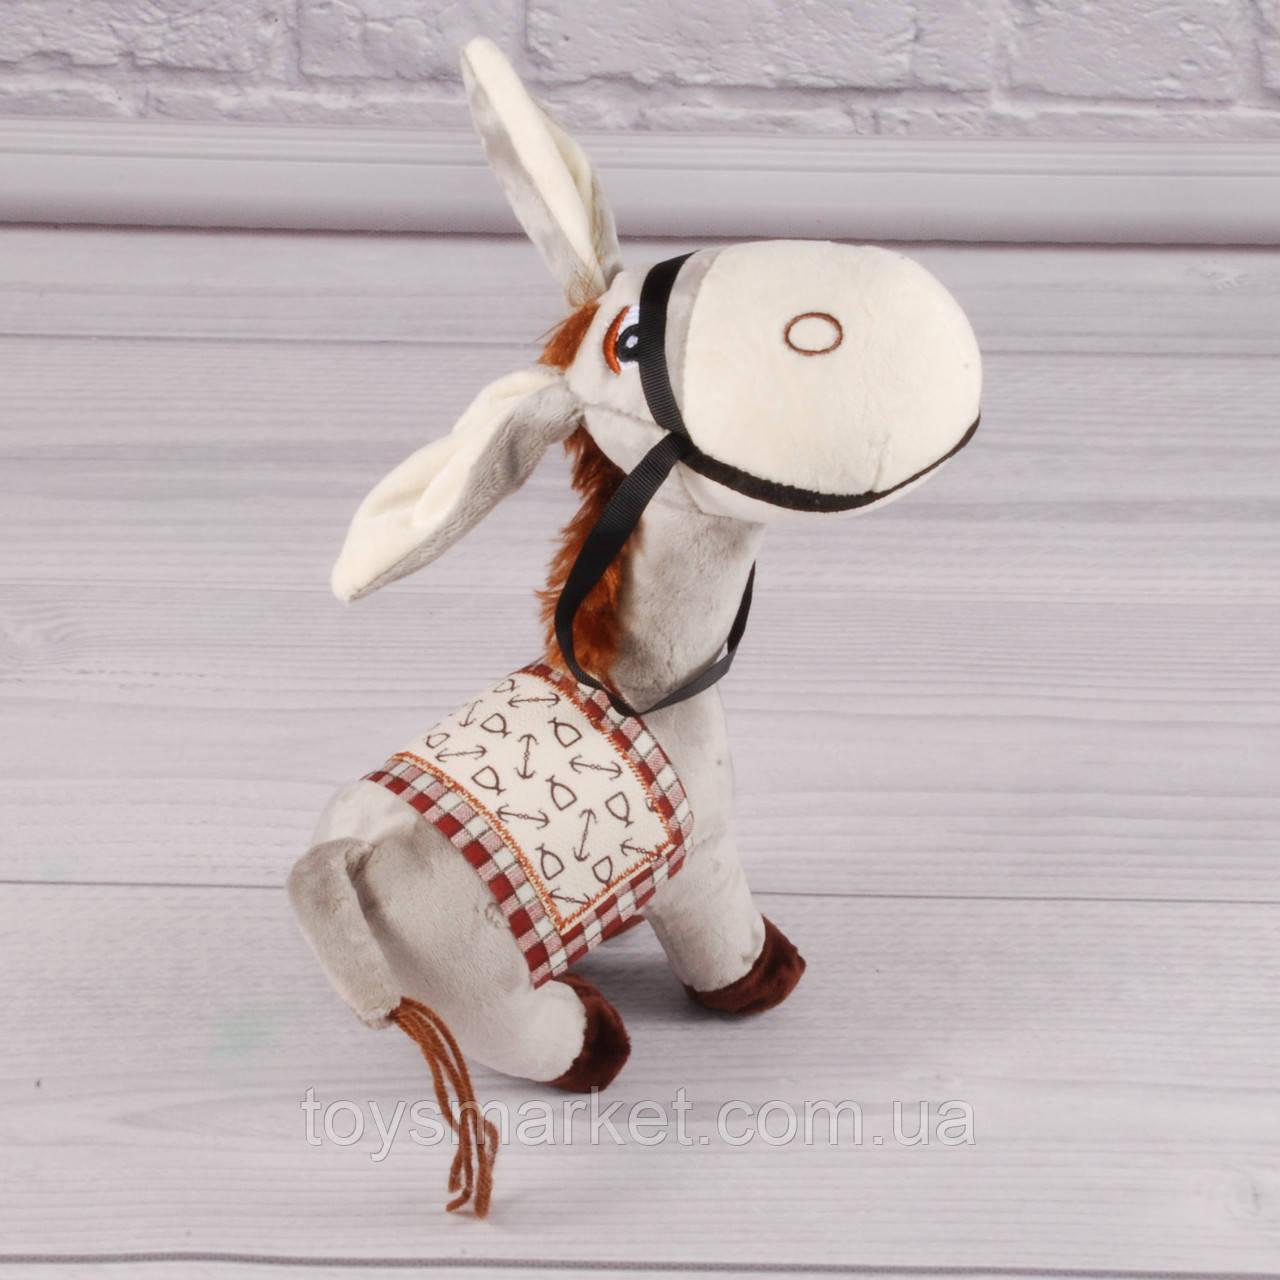 Мягкая игрушка Ослик, плюшевая игрушка осел, осёл, плюшевый ослик, 25 см.